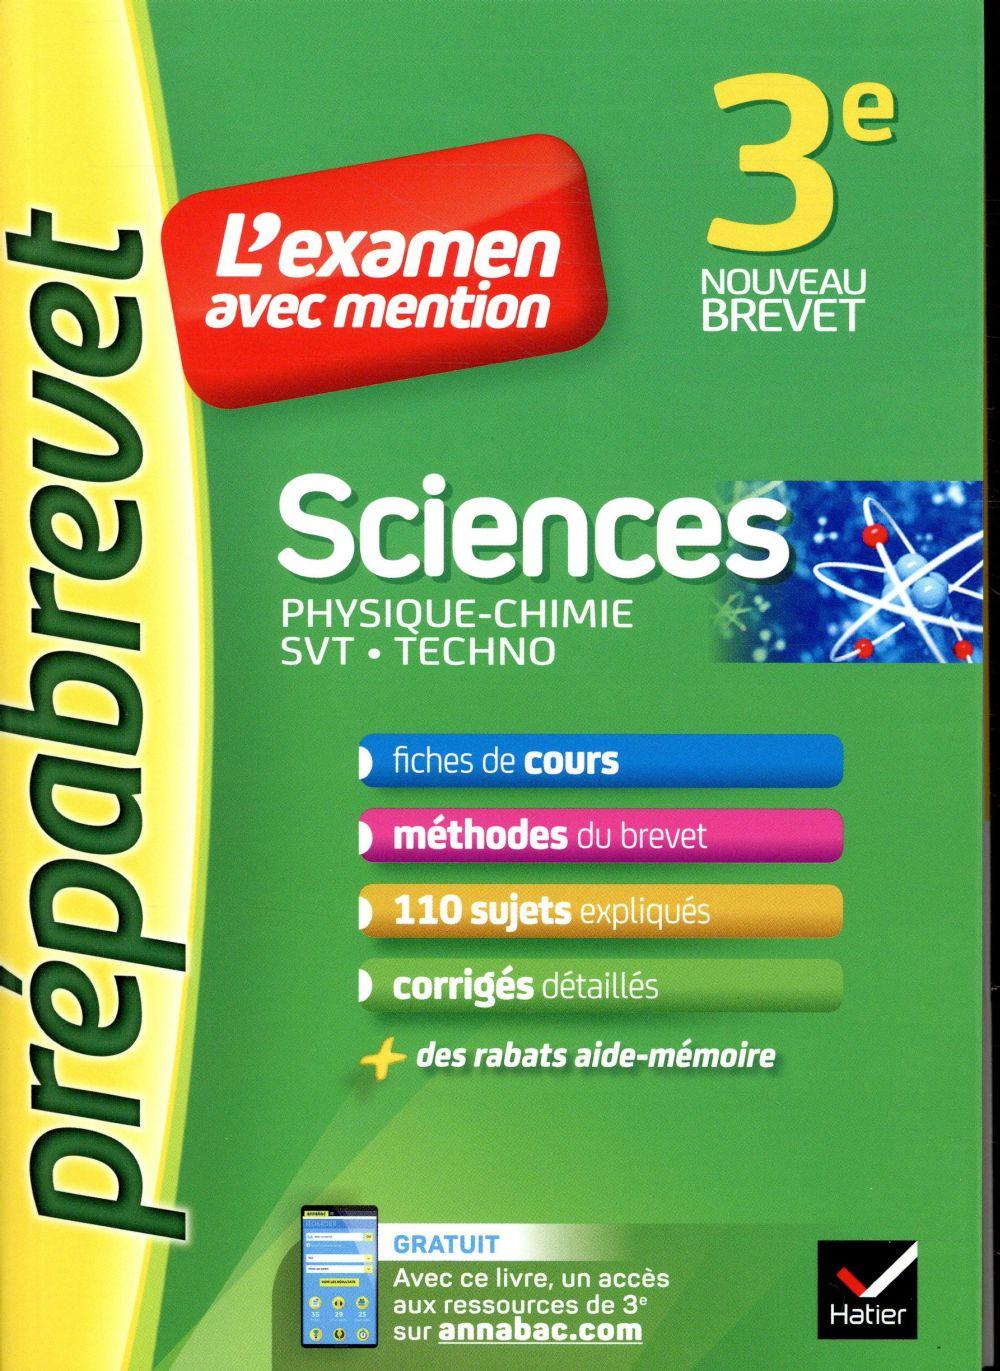 SCIENCES 3E (PHYSIQUE-CHIMIE, SVT, TECHNO) - PREPABREVET L'EXAMEN AVEC MENTION - FICHES, METHODES ET  HATIER SCOLAIRE